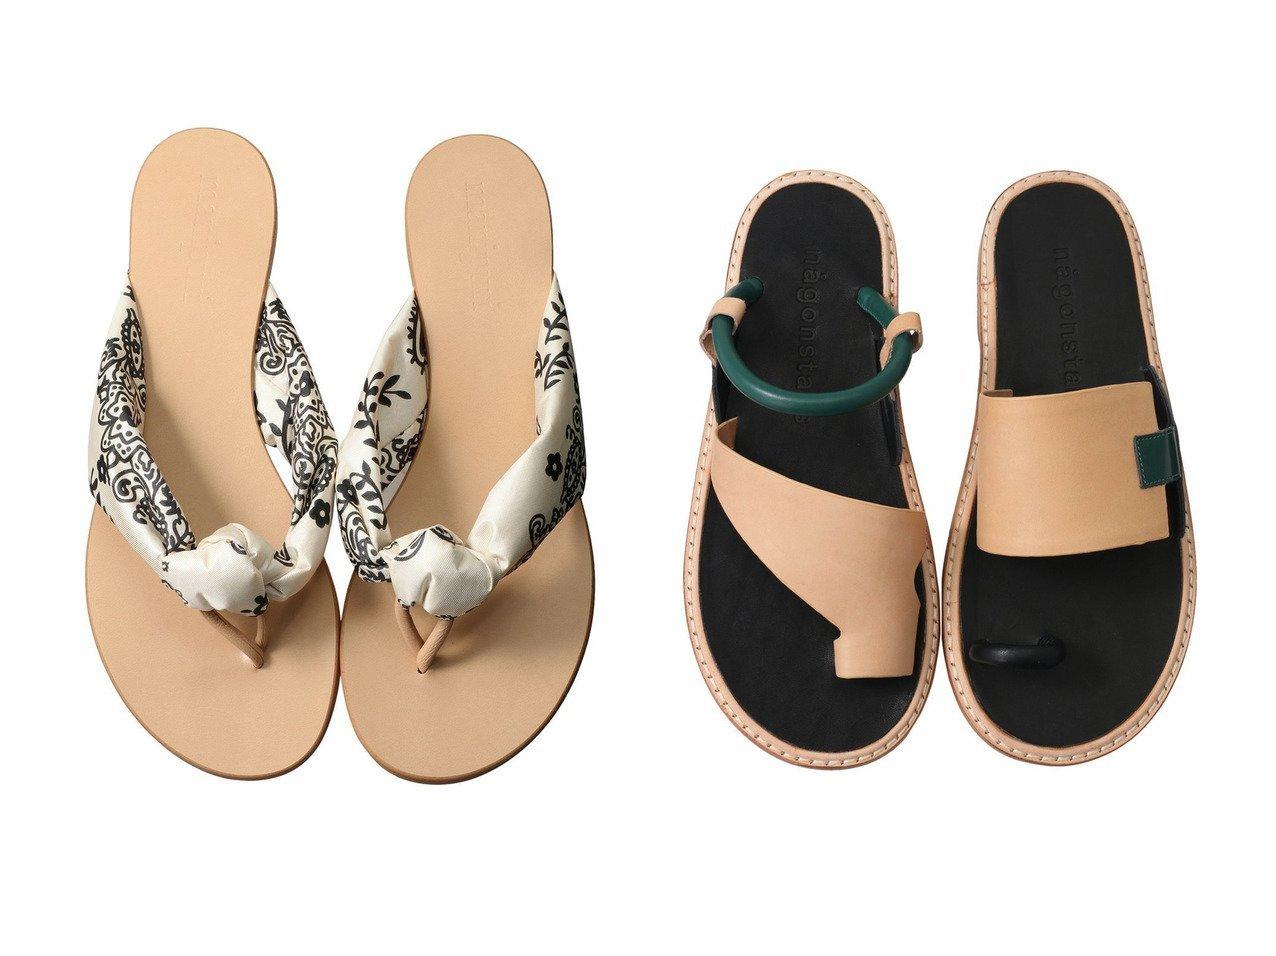 【manipuri/マニプリ】のスカーフトングサンダル&【nagonstans/ナゴンスタンス】のサンダル 【シューズ・靴】おすすめ!人気、トレンド・レディースファッションの通販 おすすめで人気の流行・トレンド、ファッションの通販商品 メンズファッション・キッズファッション・インテリア・家具・レディースファッション・服の通販 founy(ファニー) https://founy.com/ ファッション Fashion レディースファッション WOMEN アシンメトリー カッティング サンダル フラット S/S・春夏 SS・Spring/Summer スカーフ バンダナ モノトーン ラップ レオパード 春 Spring |ID:crp329100000039527